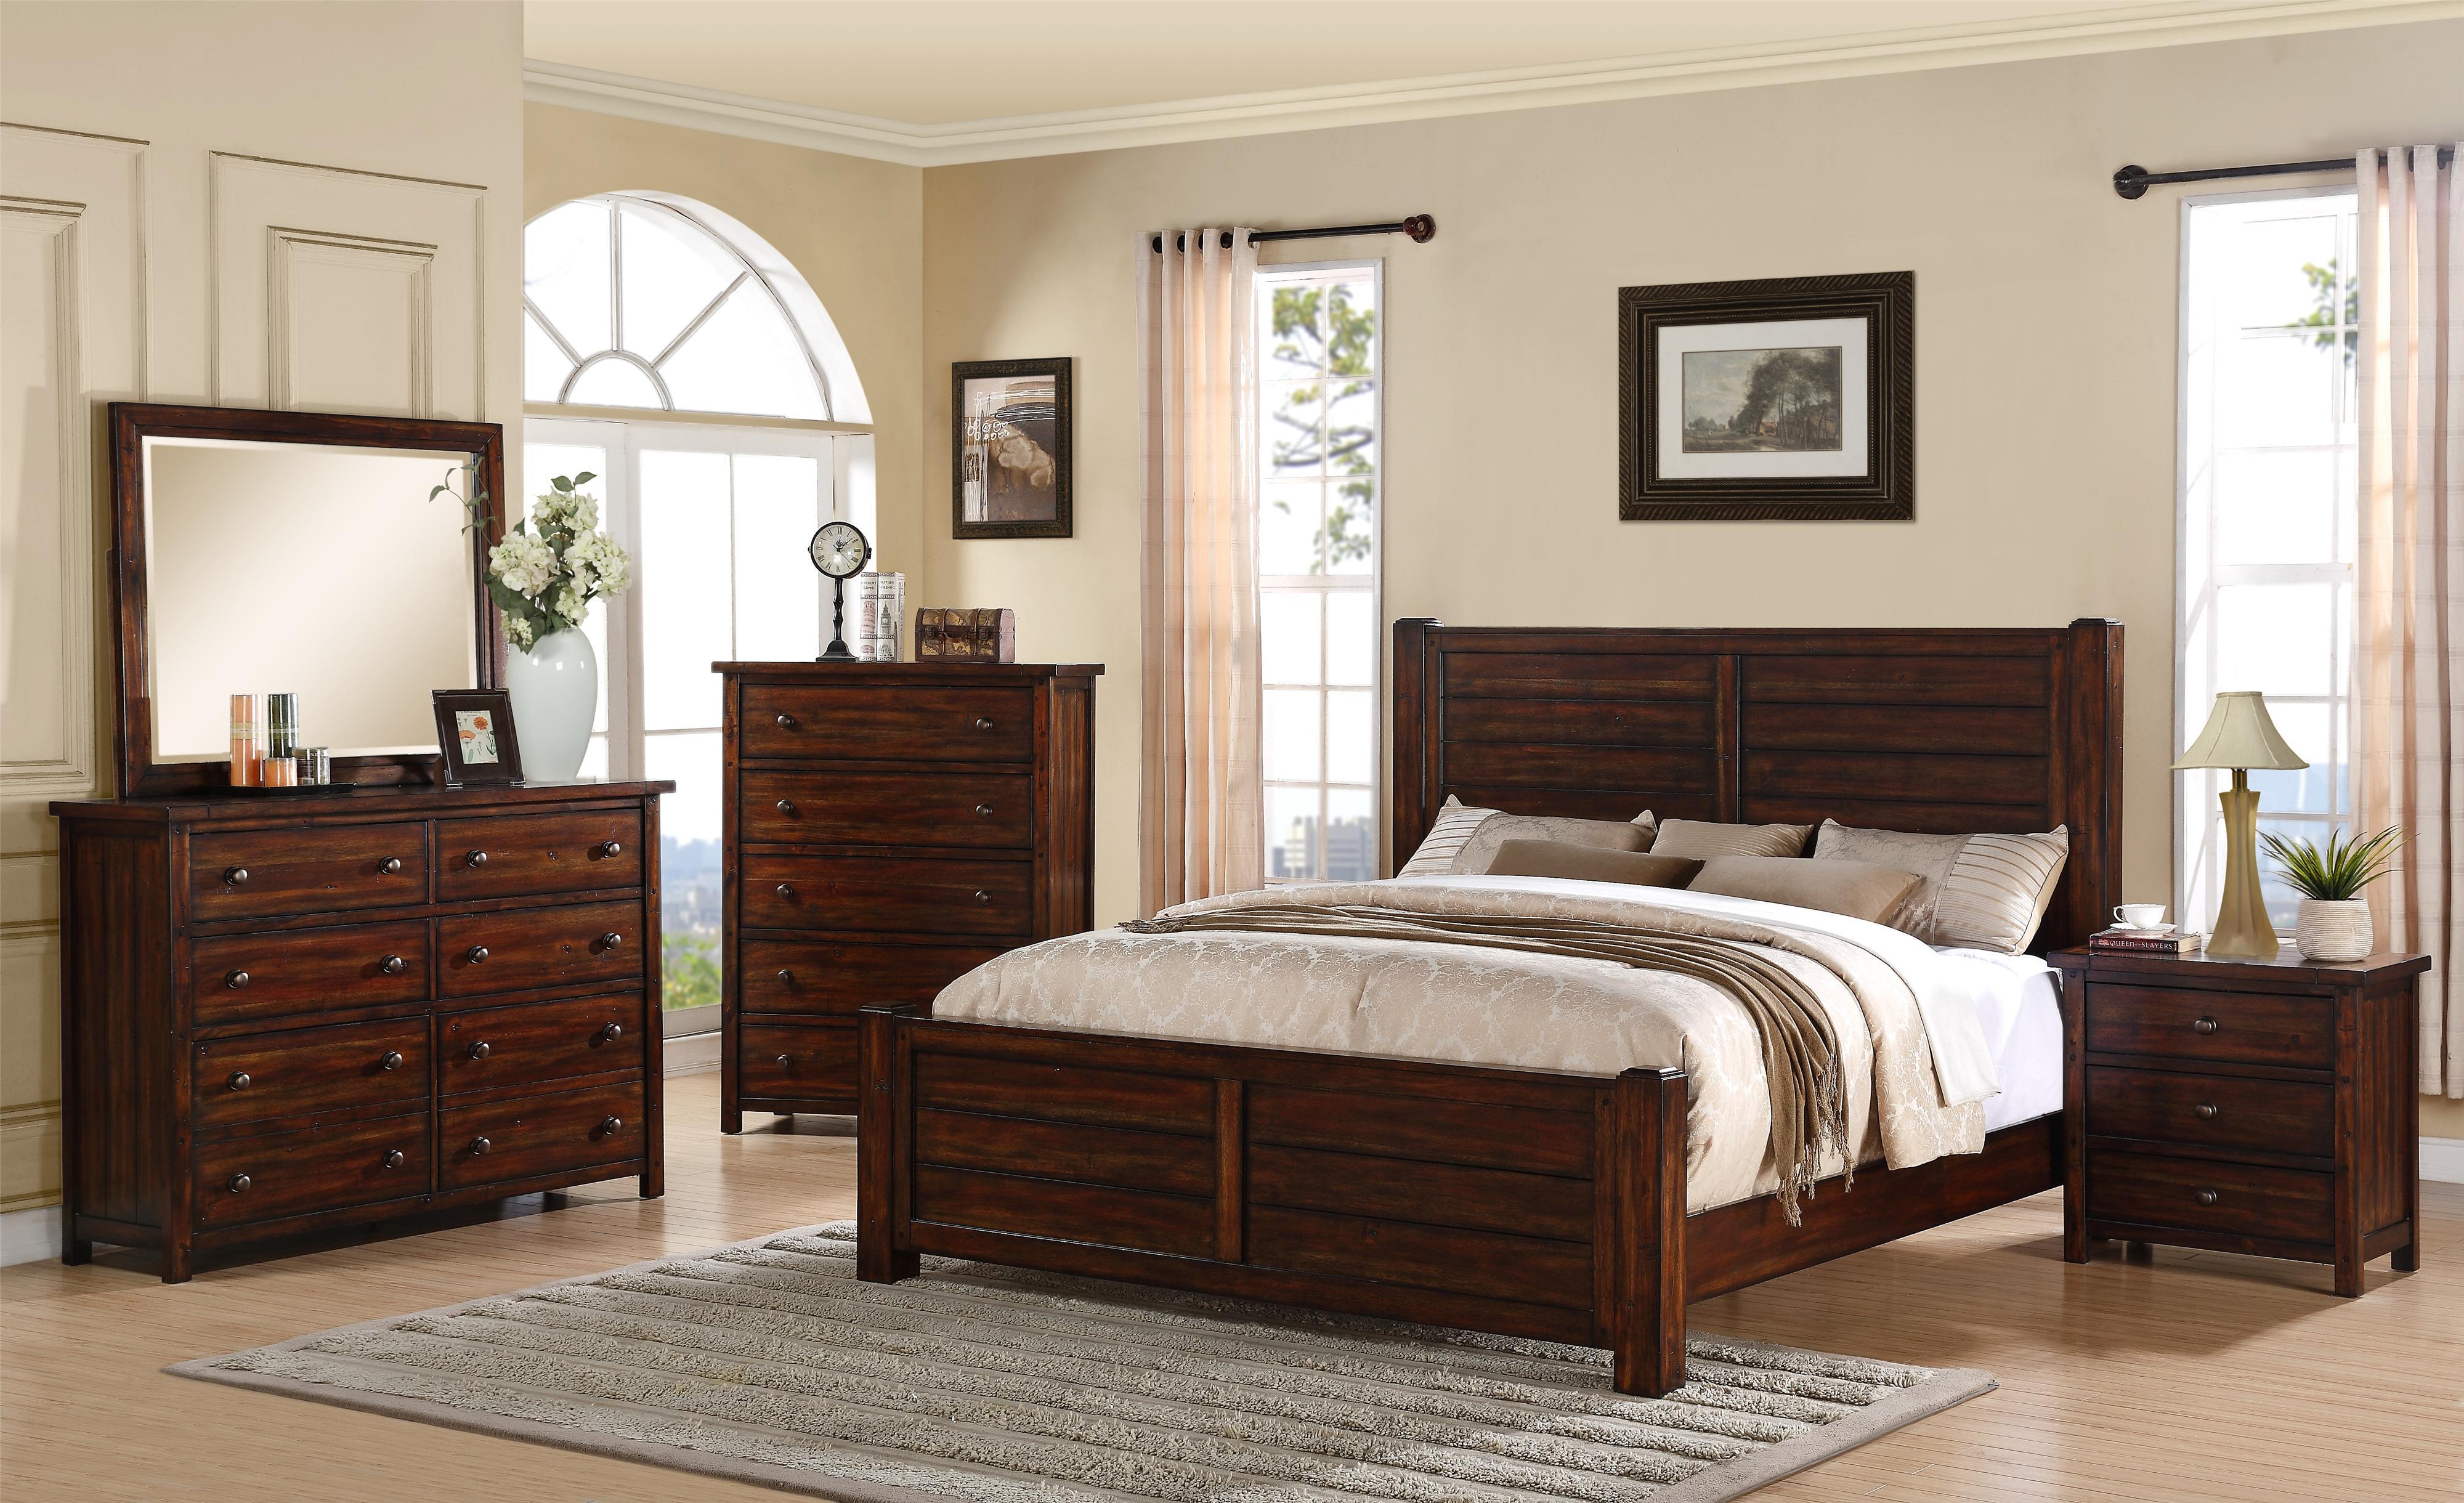 Elements International Boardwalk Ds600qb5pc Queen Bedroom